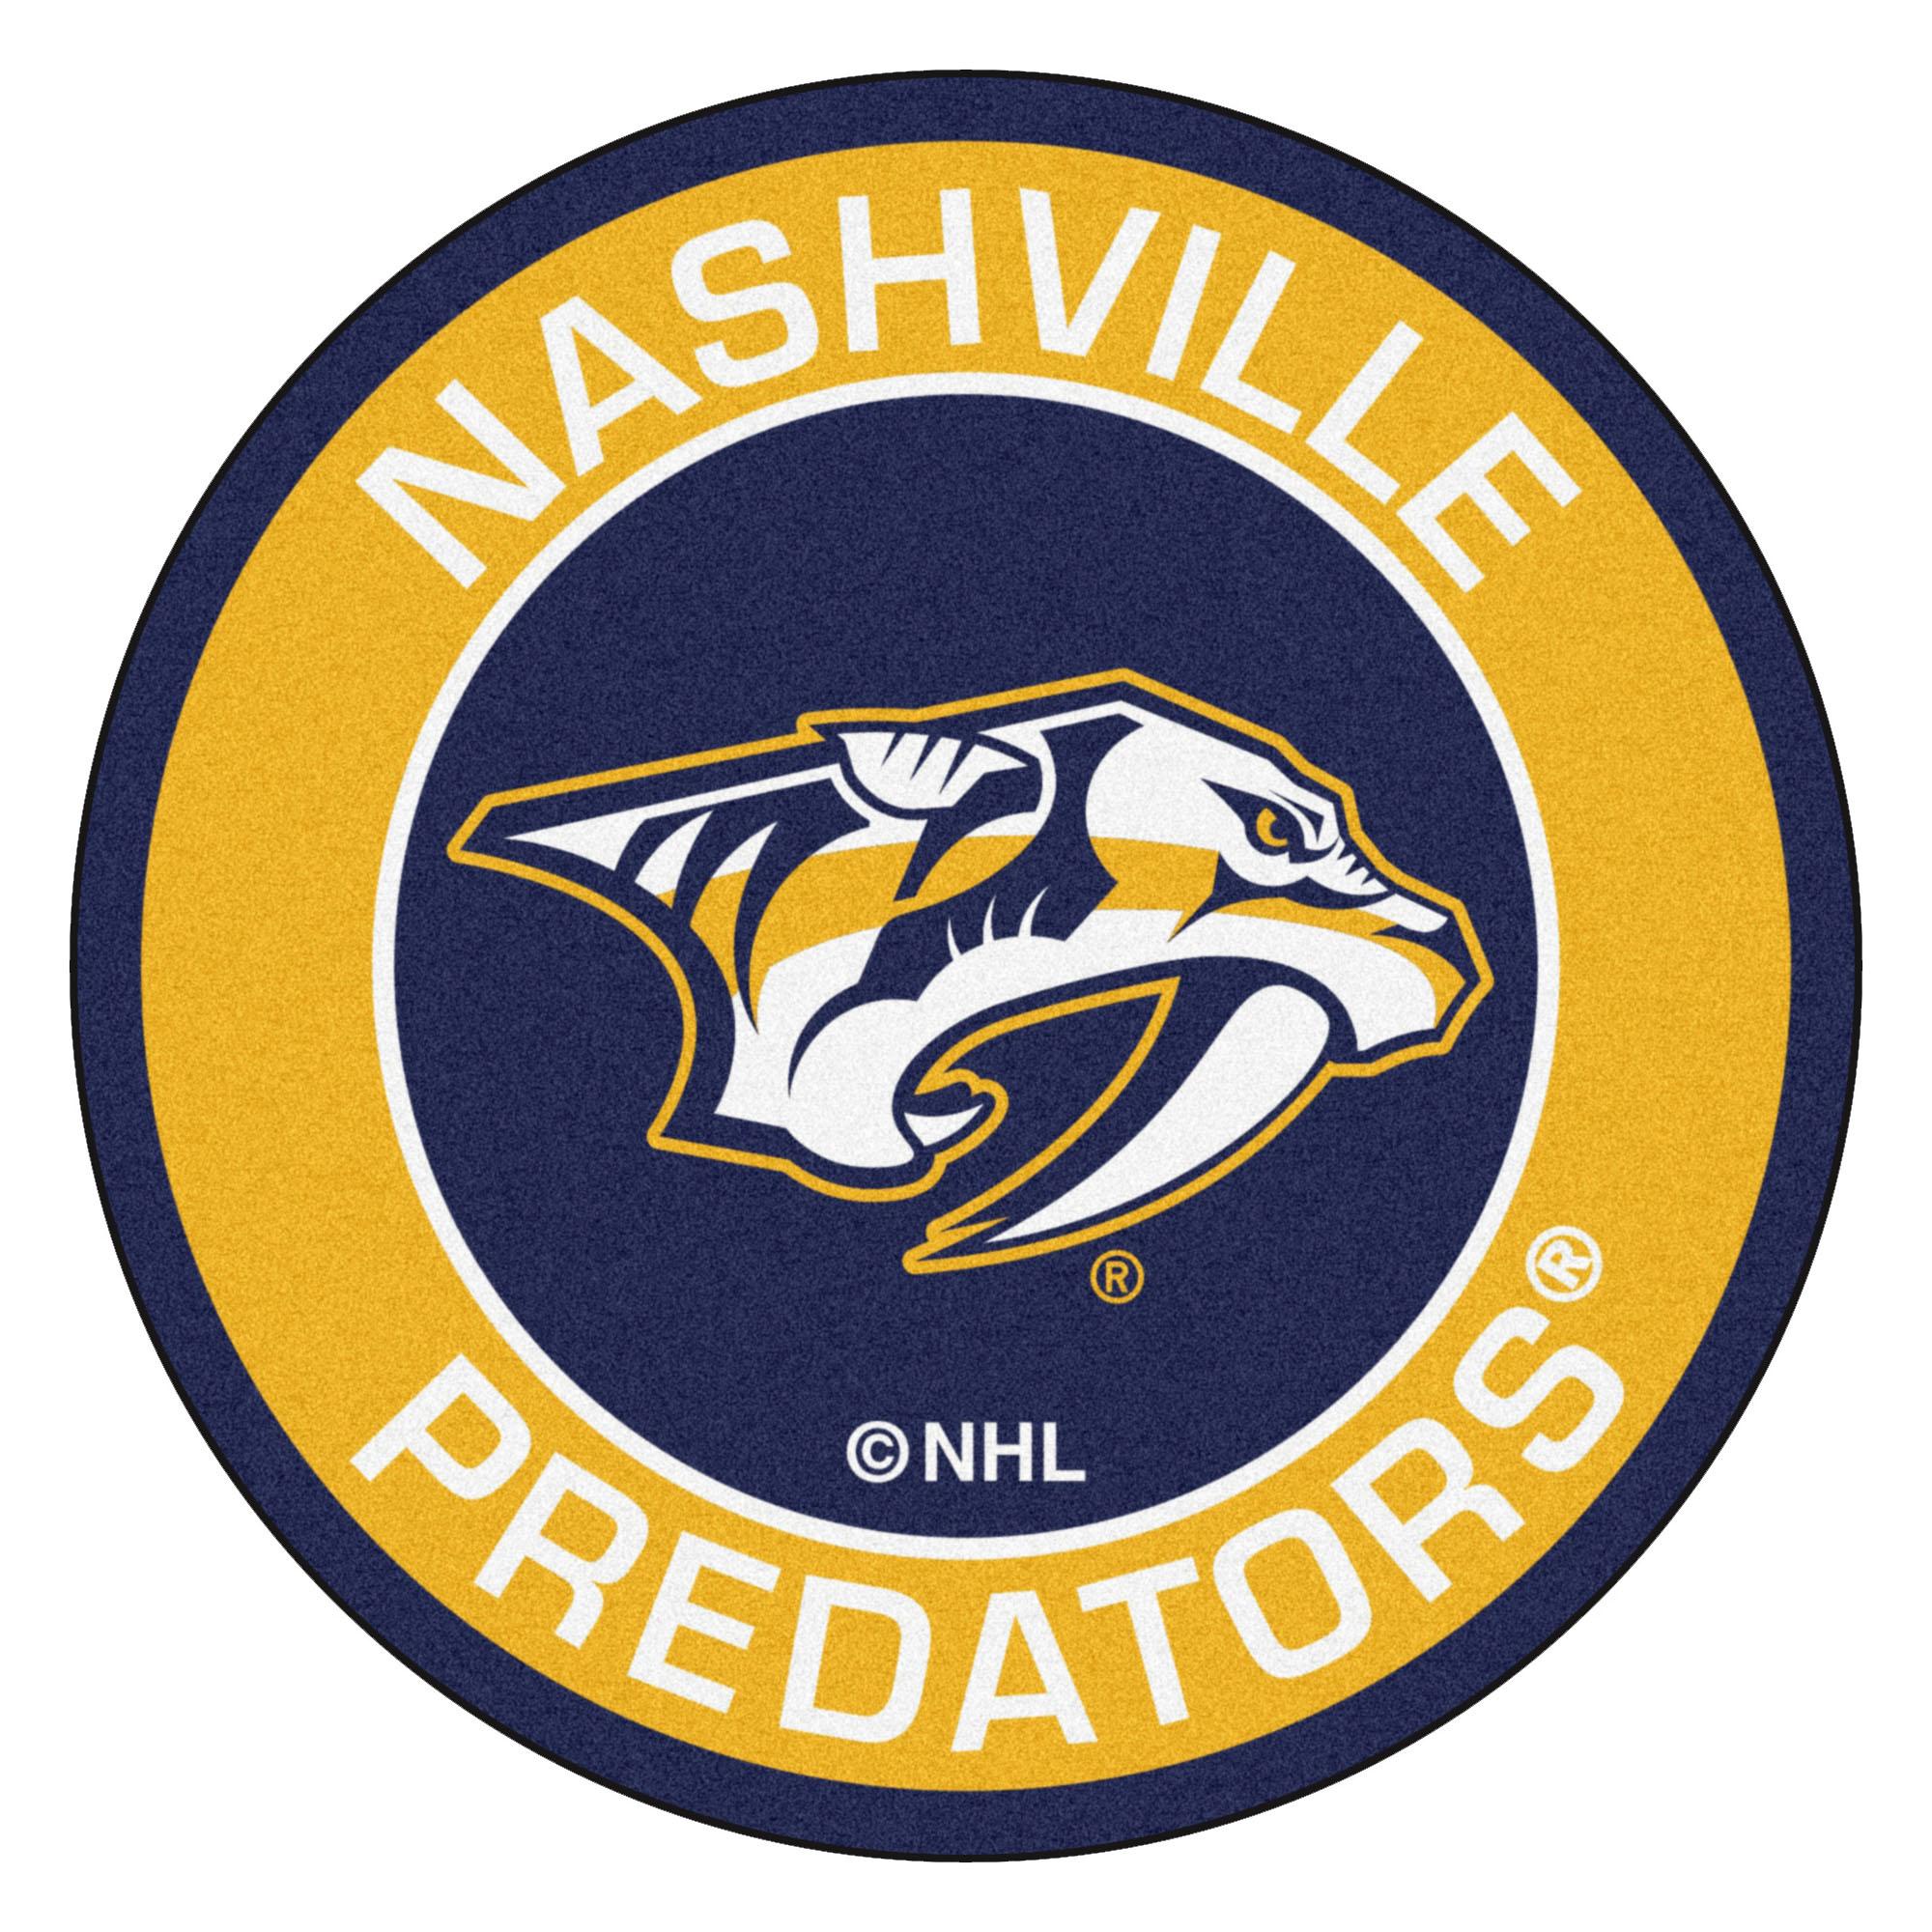 Nashville predators Logos.